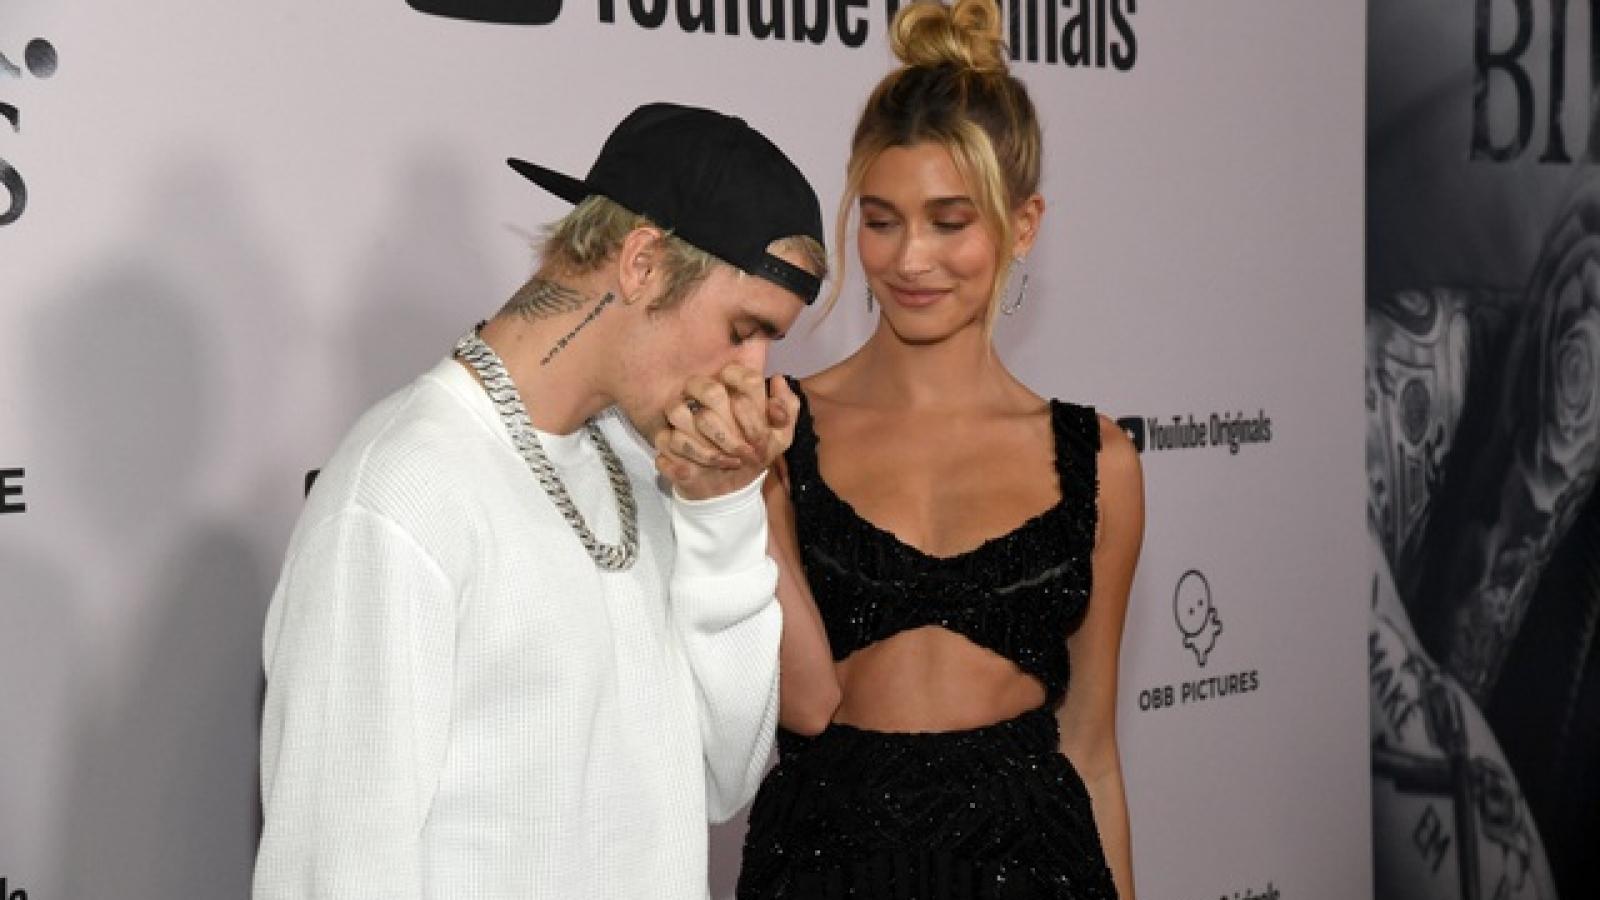 Hailey Bieber hành động bất ngờ vì bị so sánh sau khi kết hôn với JustinBieber